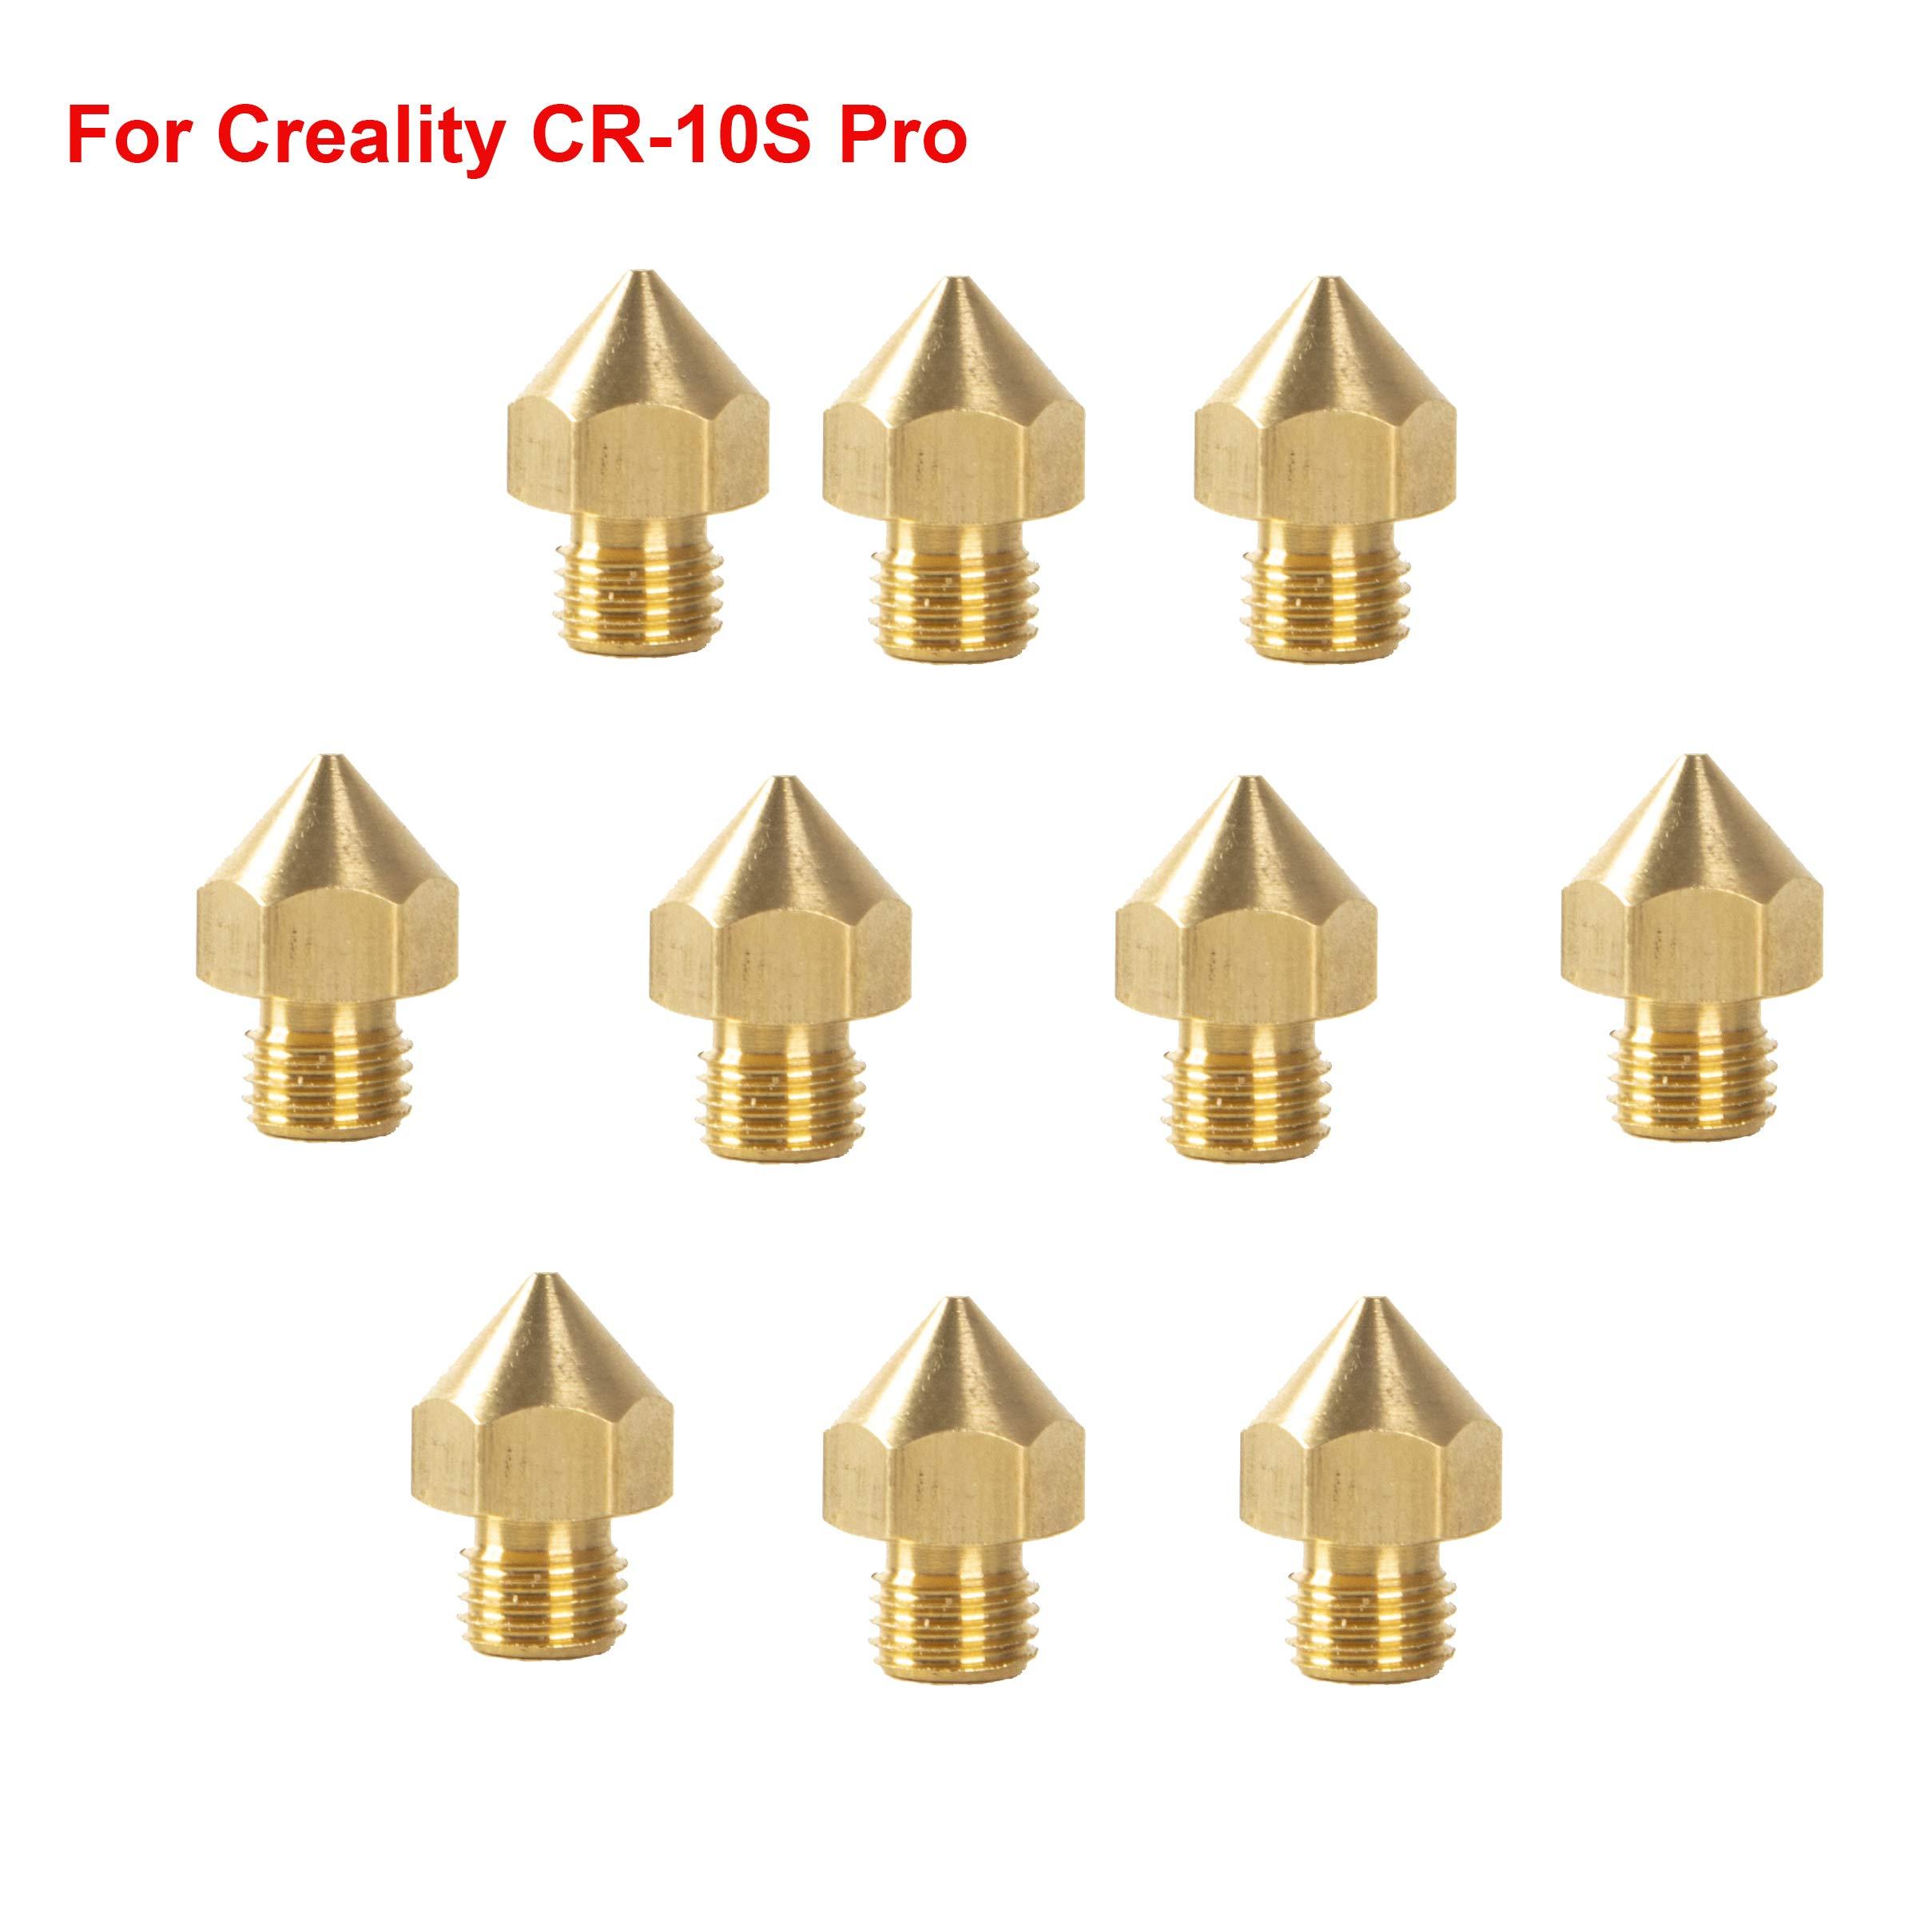 Cctree 10 Un. Printer 3d Cr 10s Pro 0.4mm Boquilla Extrusora